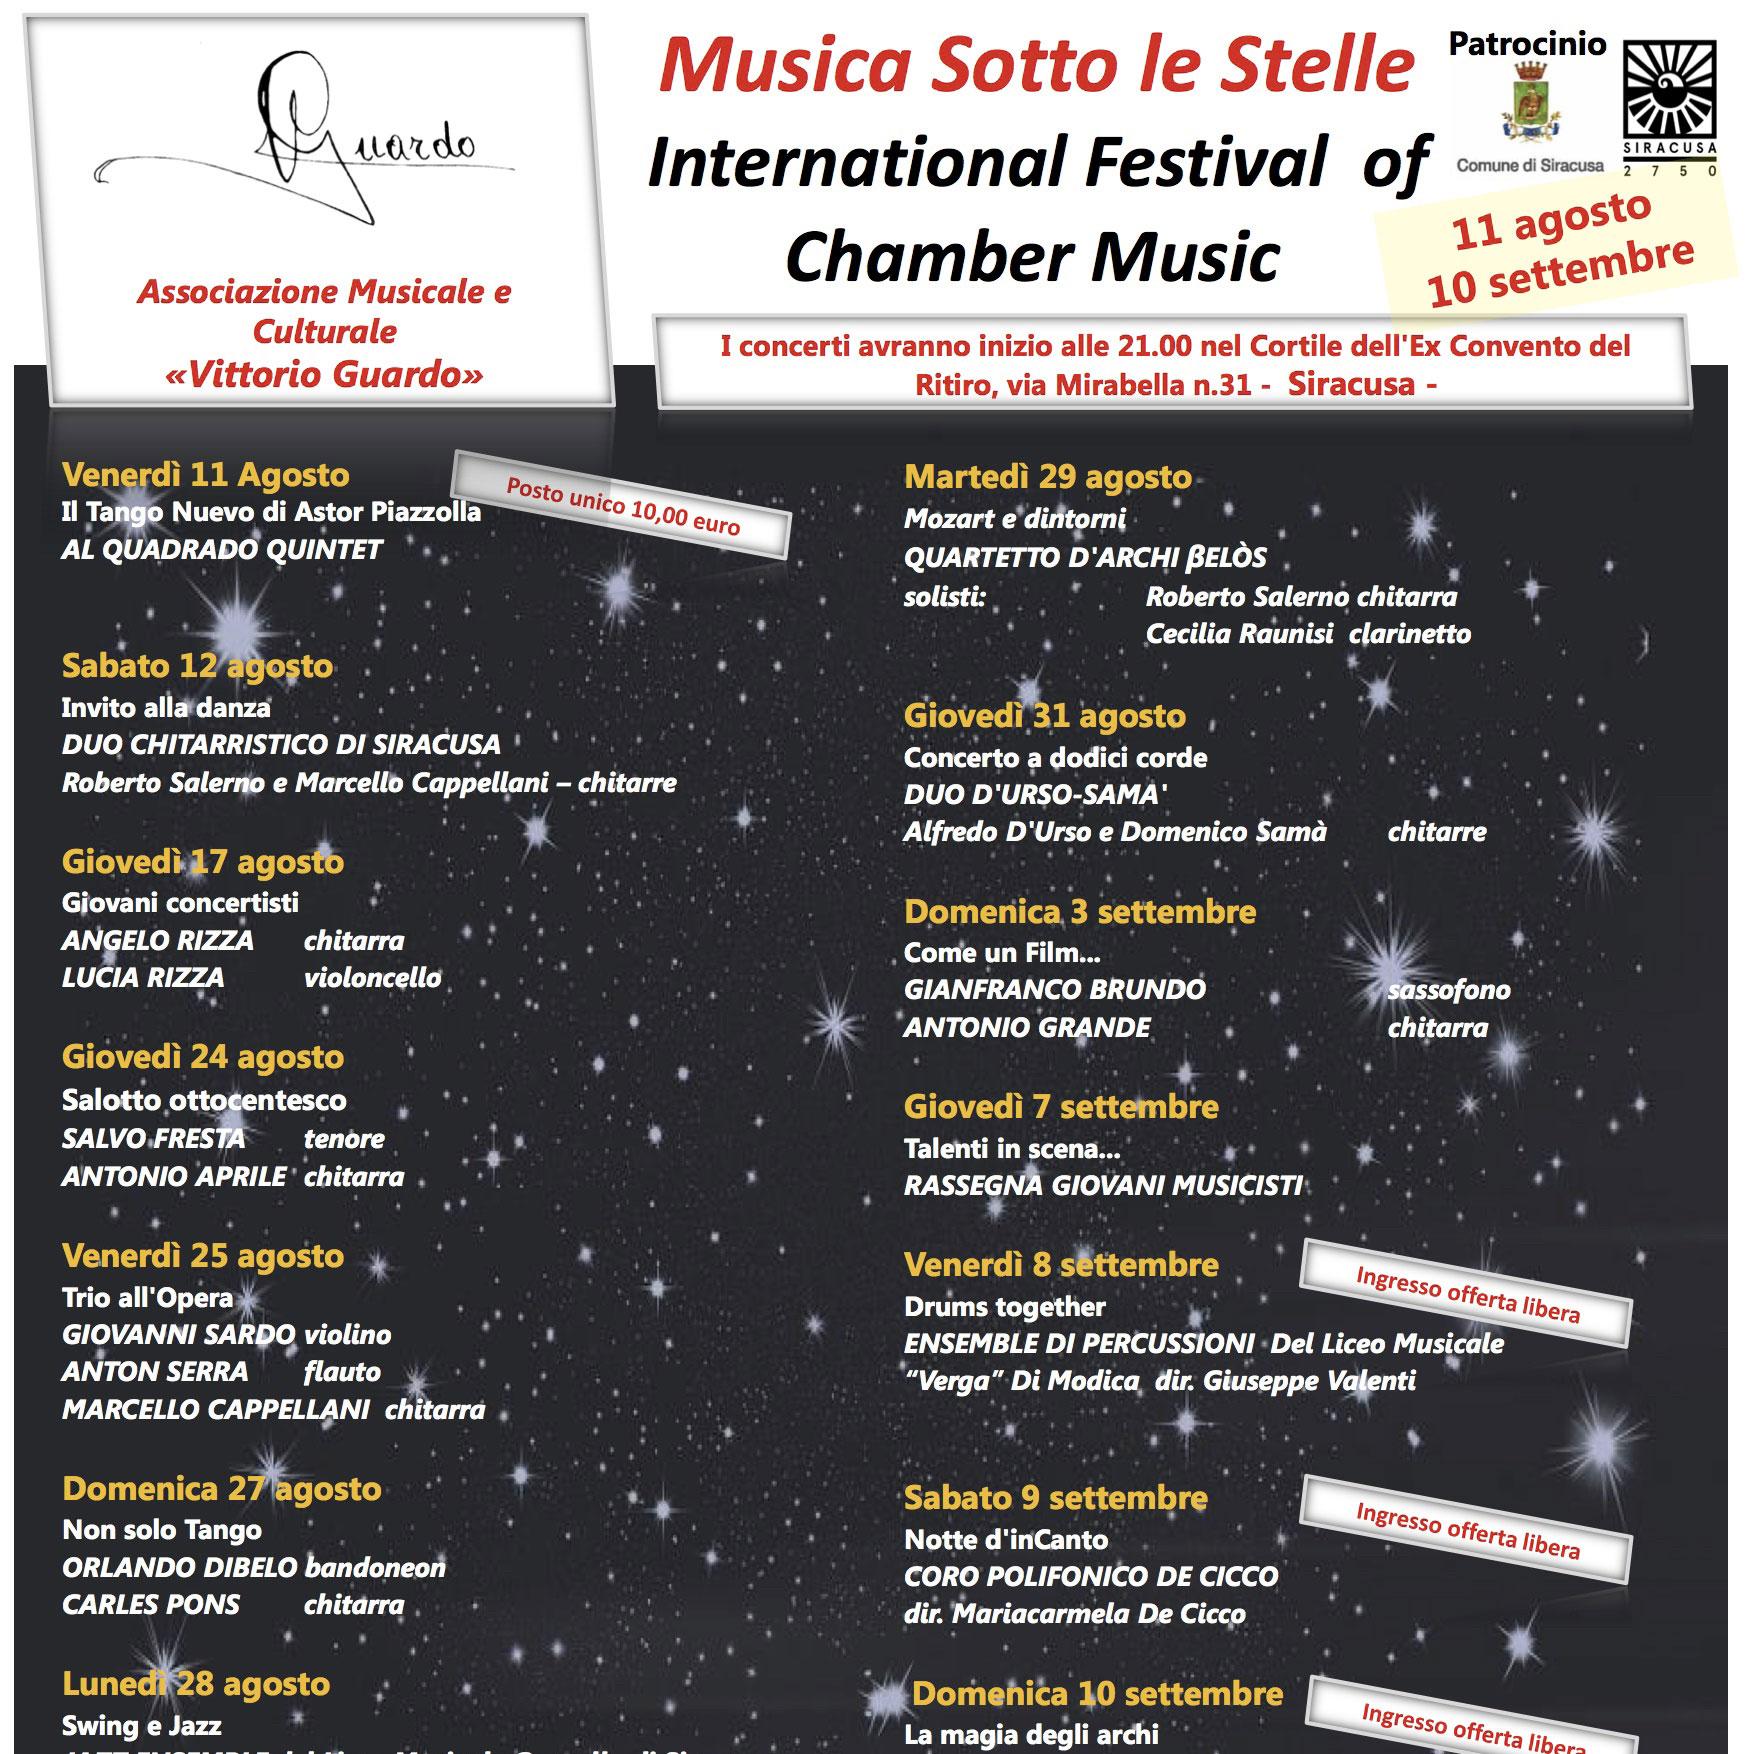 MUSICA SOTTO LE STELLE 2017